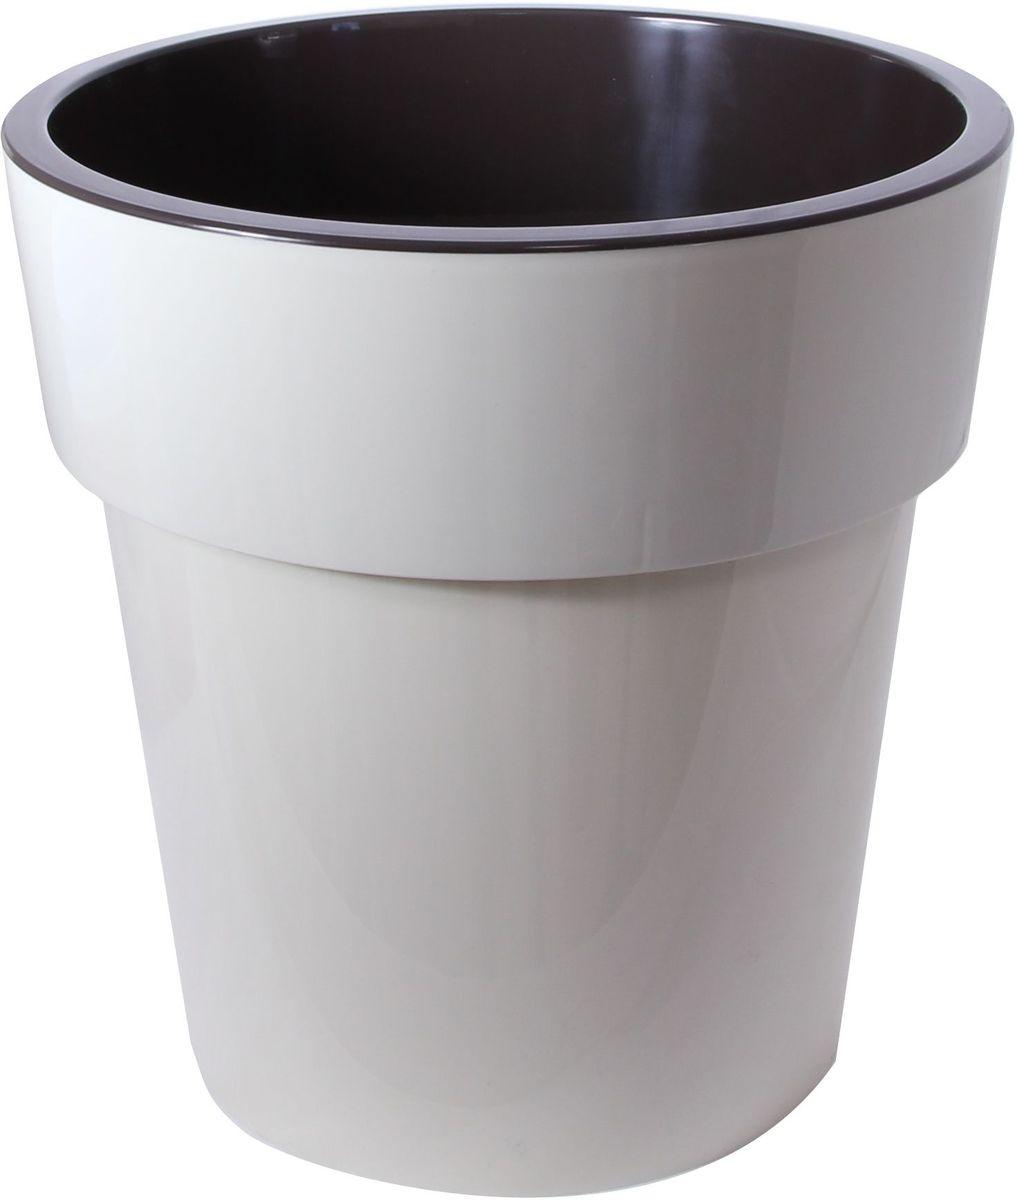 Кашпо Idea Тубус, цвет: белый, диаметр 20 смМ 3165